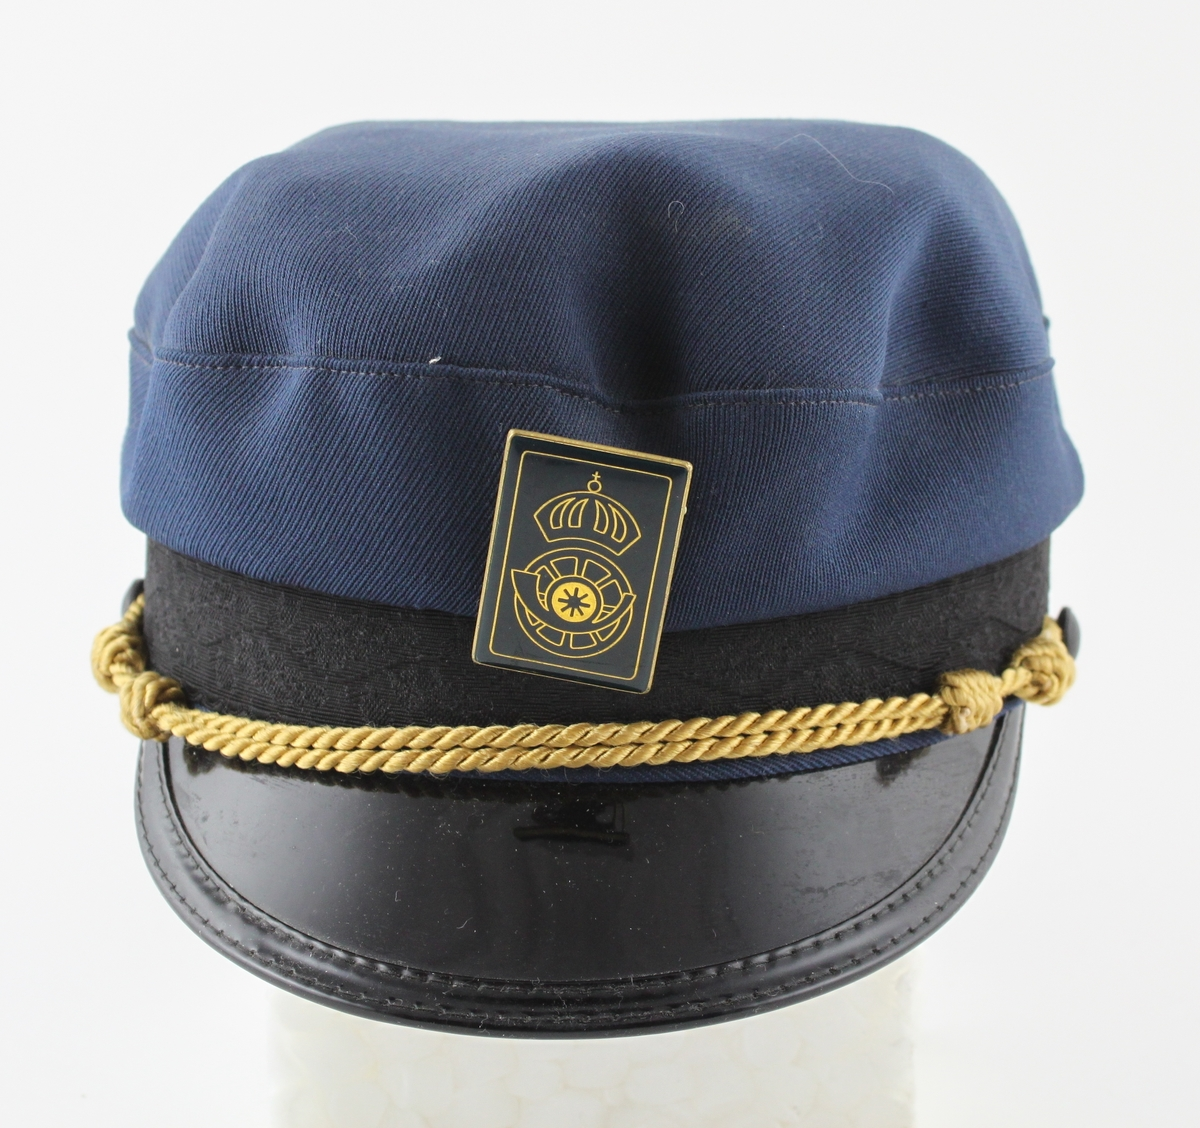 Uniformsmössa i blått ylle med mörkblått mössband och svartlackerad kantad skärm. Mössnodd i gul träns. Rektangulärt mössmärkemed Postens Diligenstrafiks symbol.